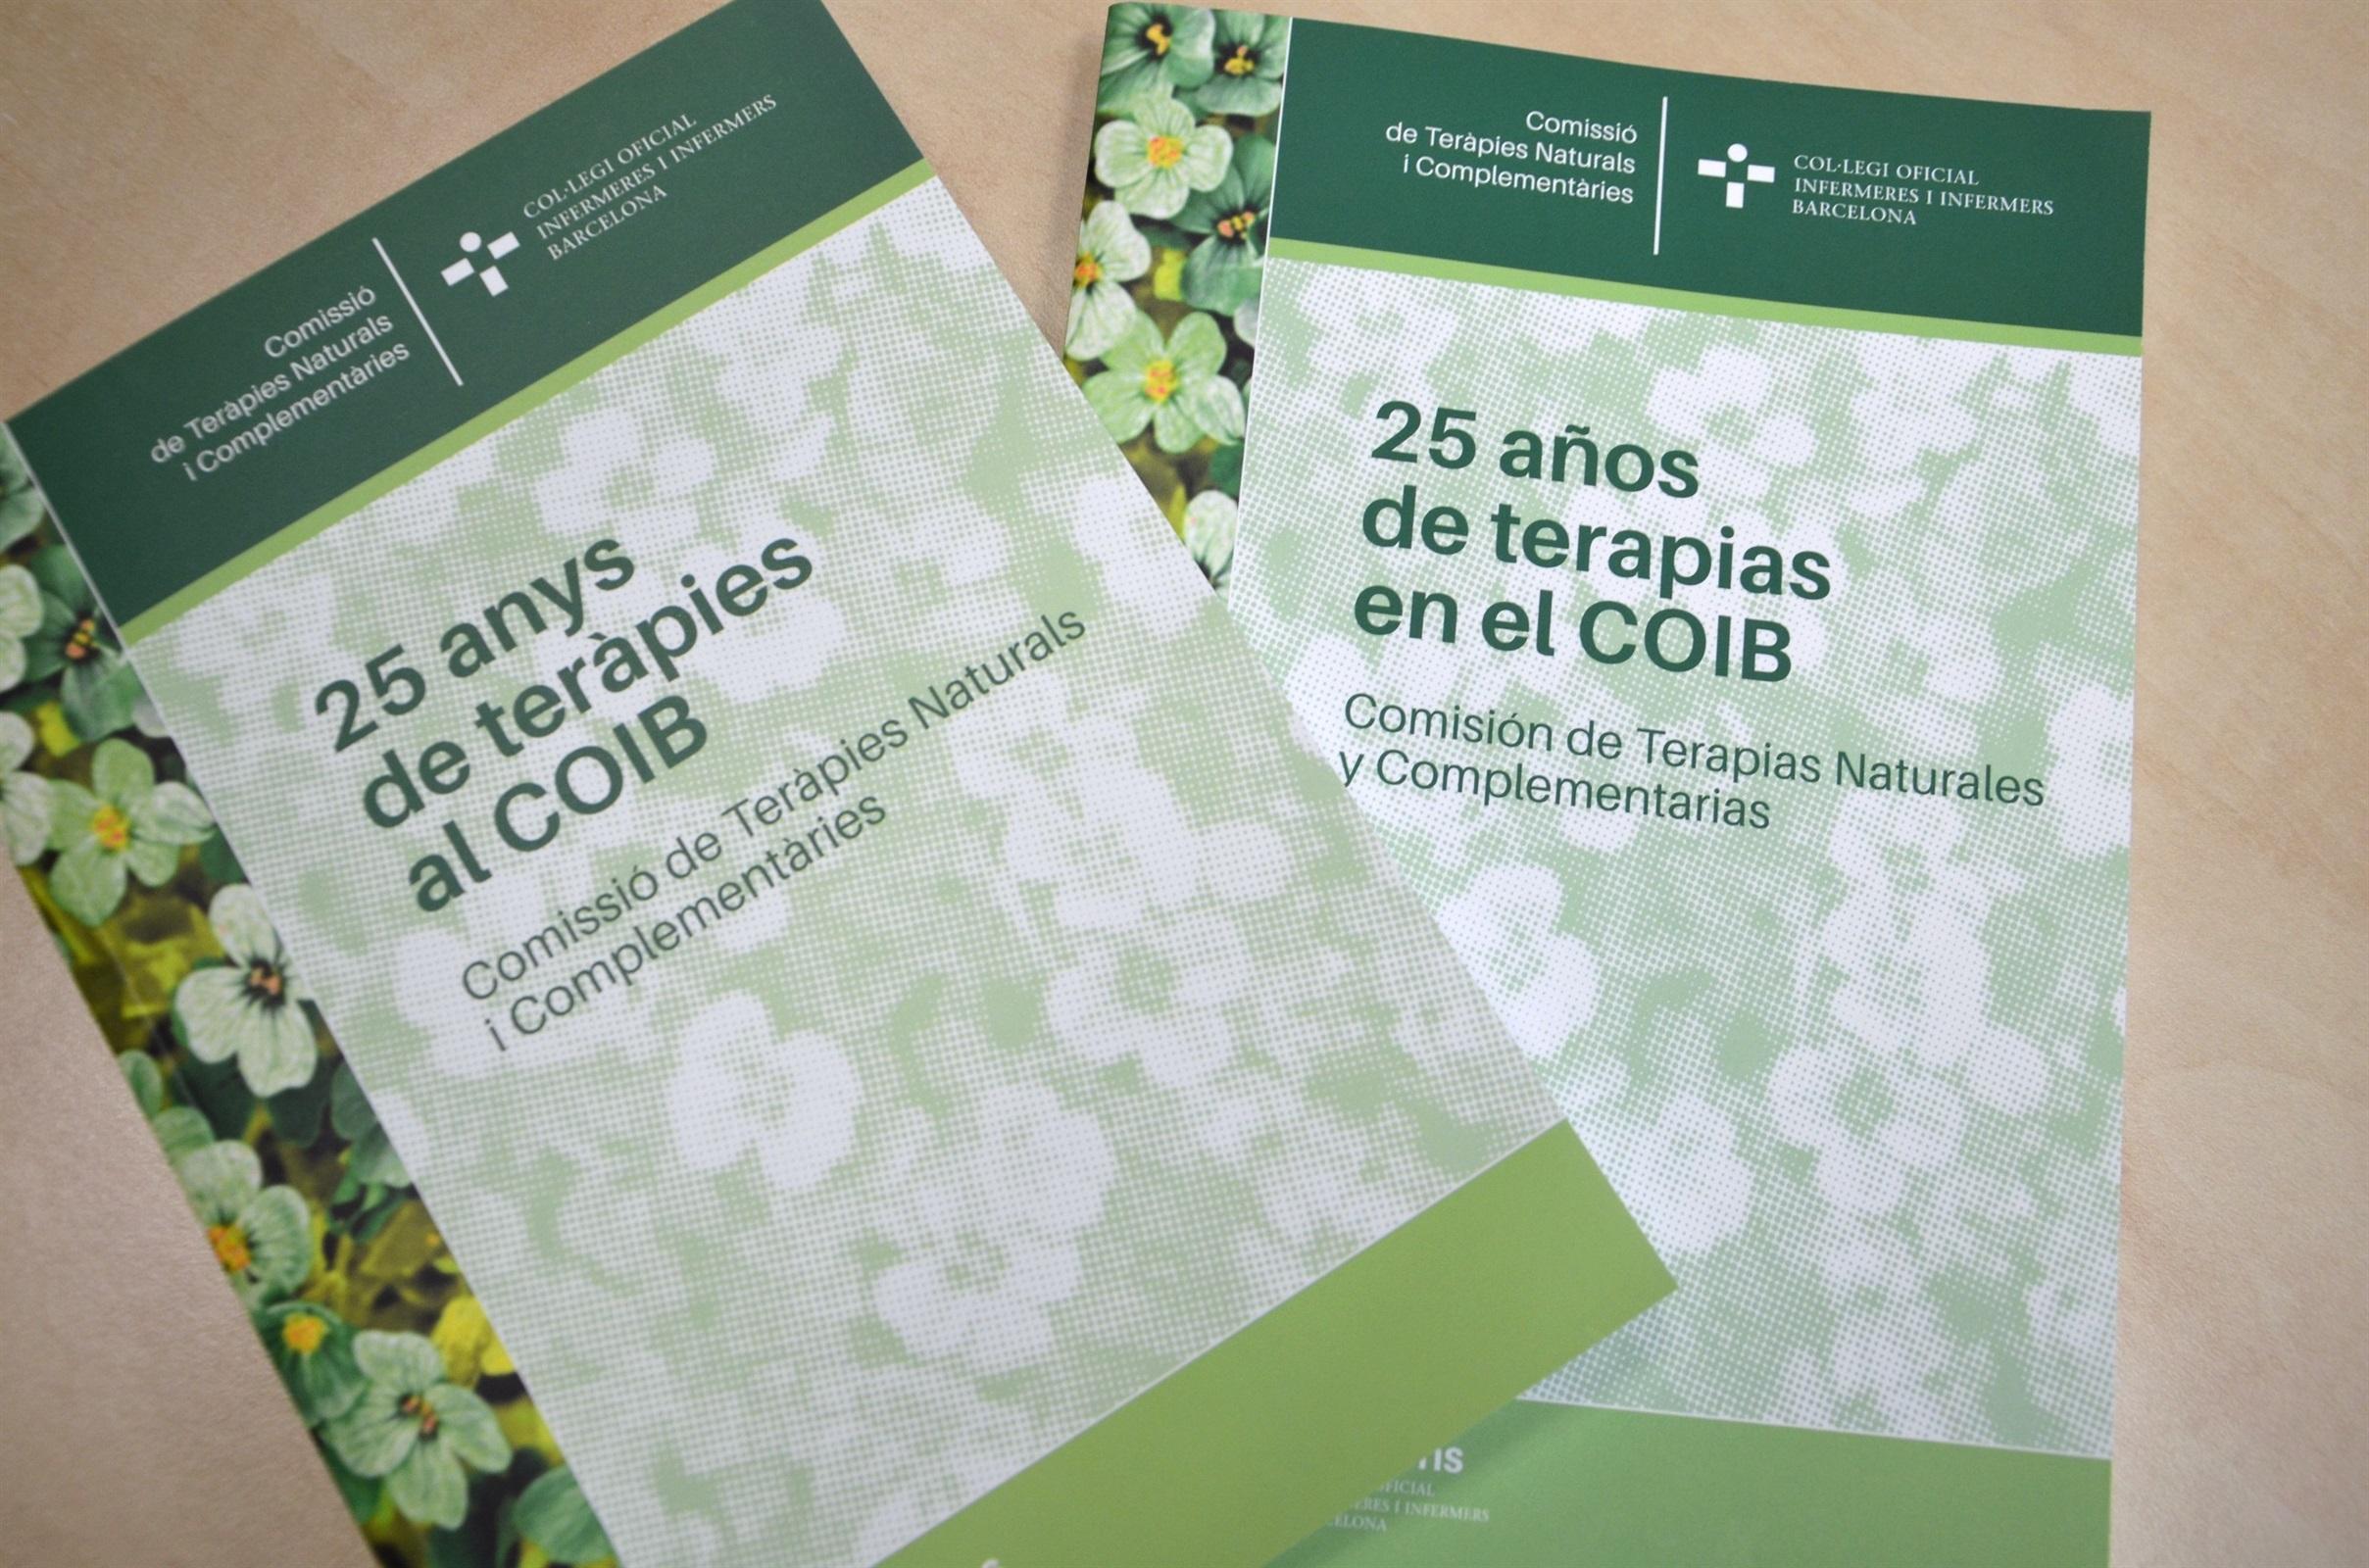 La Comissió de Teràpies Naturals i Complementàries recull els seus 25 anys d'història en un llibre